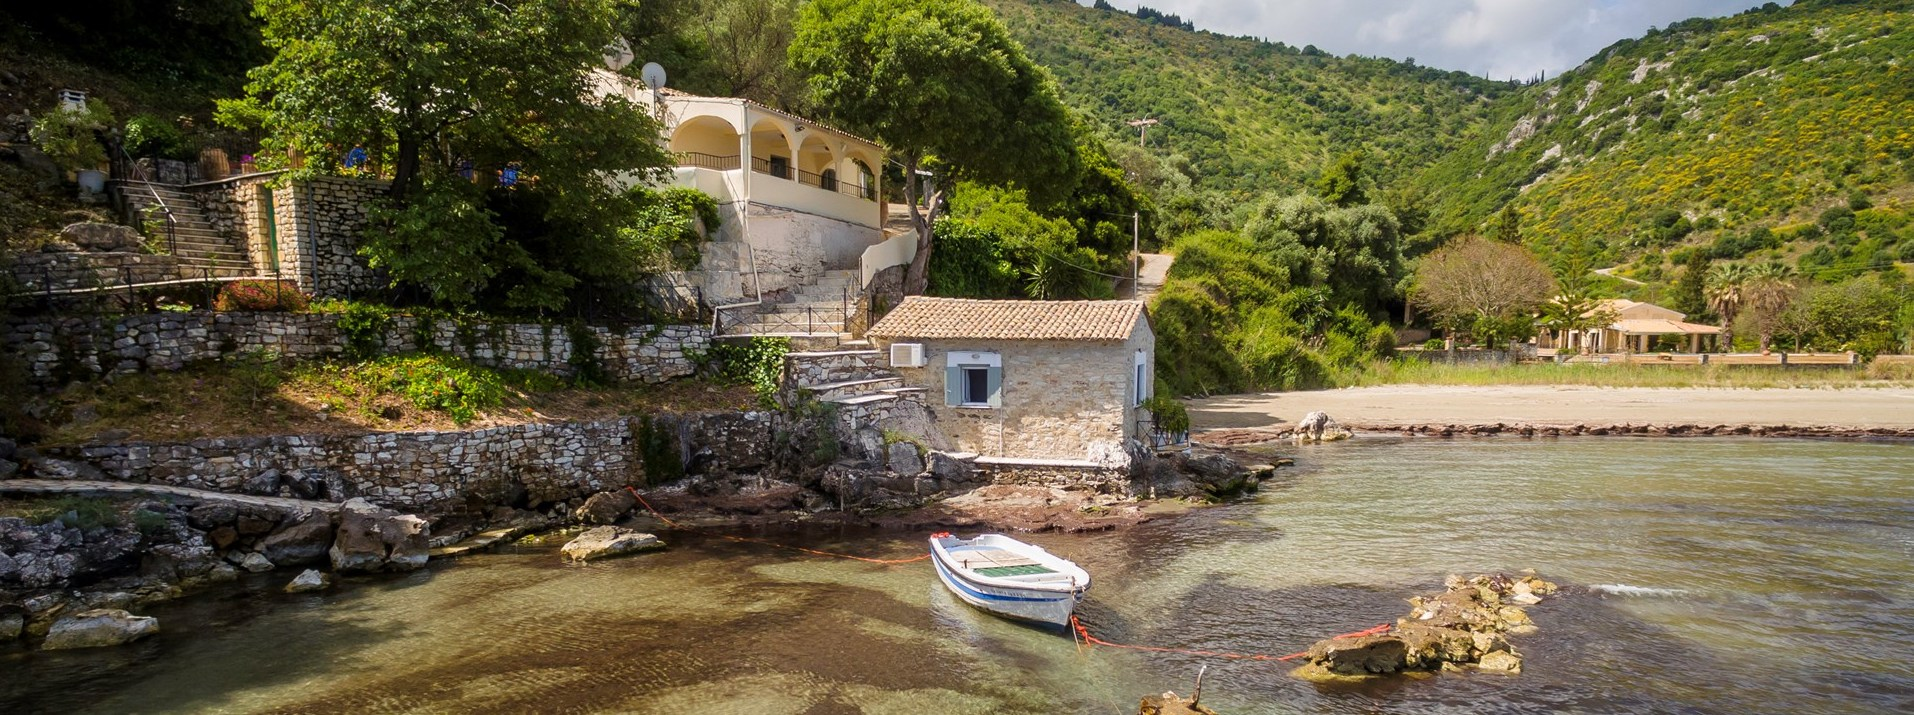 sea-edge-3-bedroom-villa-corfu